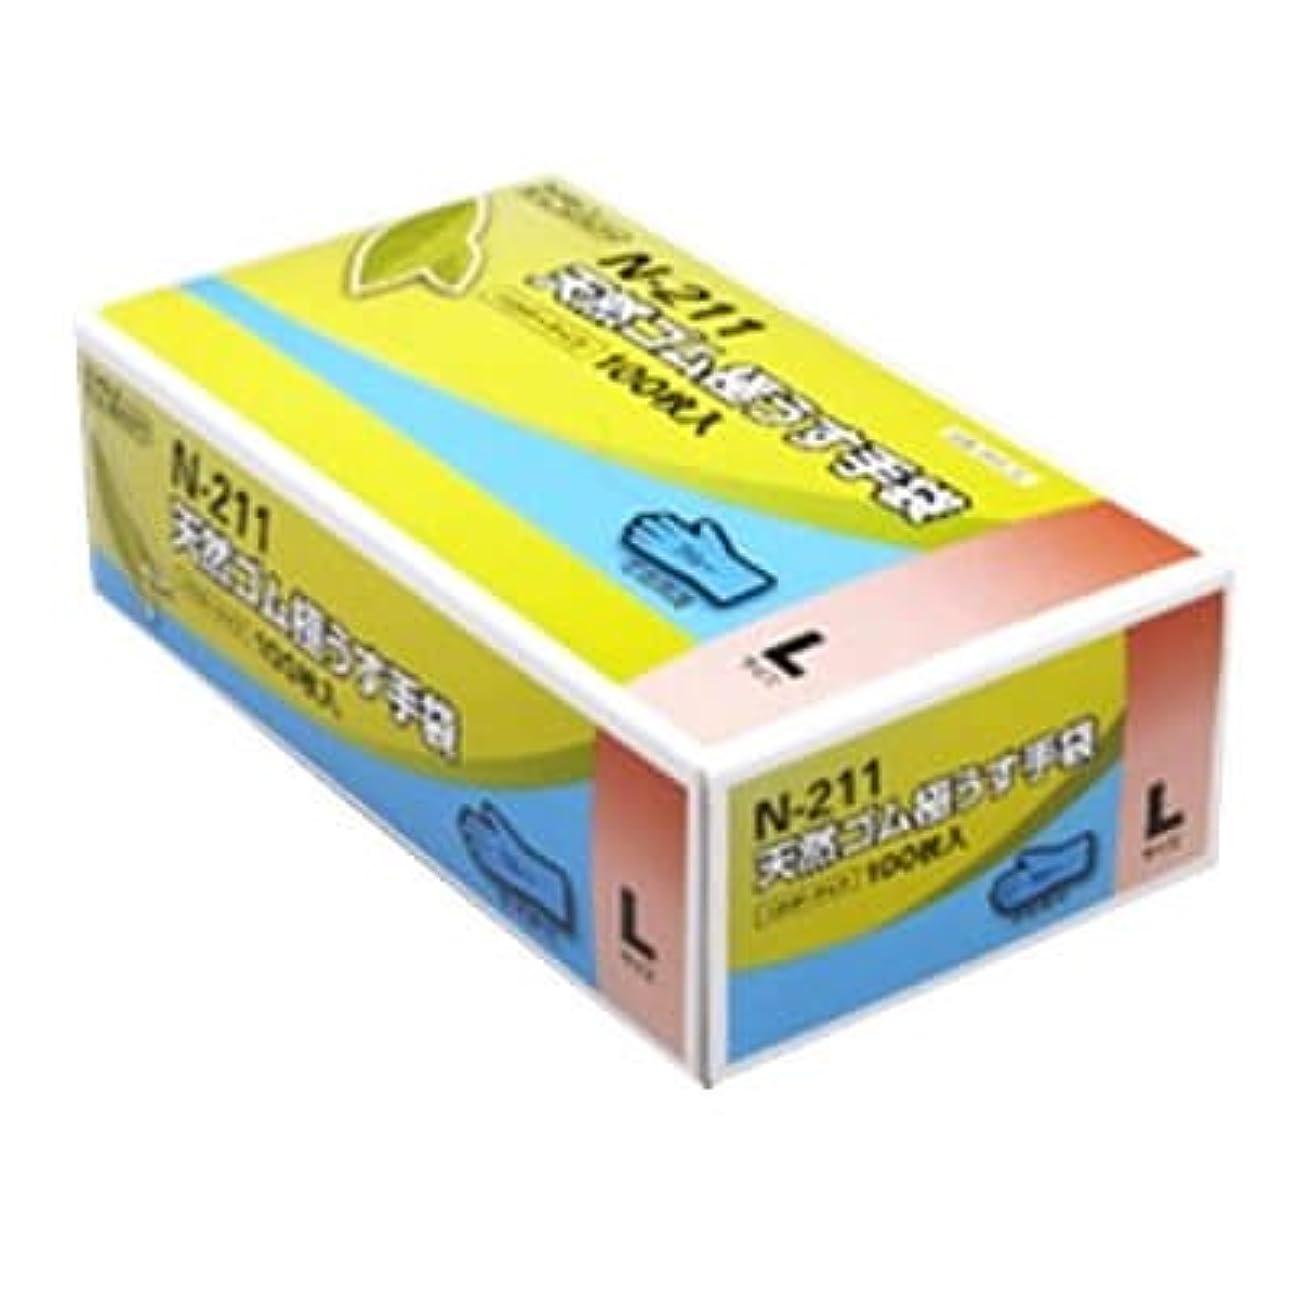 かりて悪性腫瘍顎【ケース販売】 ダンロップ 天然ゴム極うす手袋 N-211 L ブルー (100枚入×20箱)